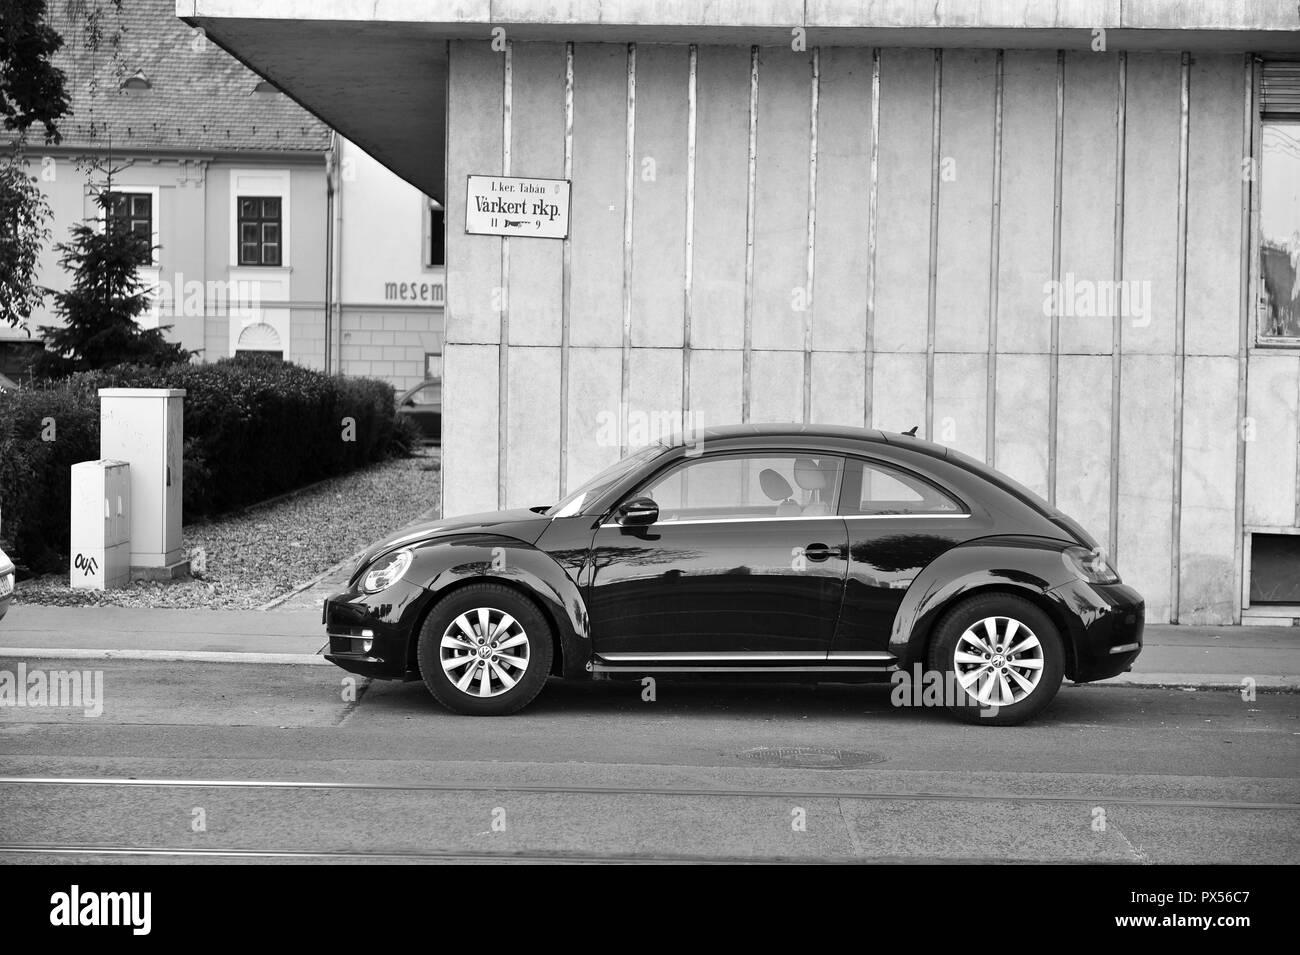 BUDAPEST, HUNGARY - 22 SEPTEMBER: VW New Beetle in the street of Budapest on September 22, 2018. Stock Photo